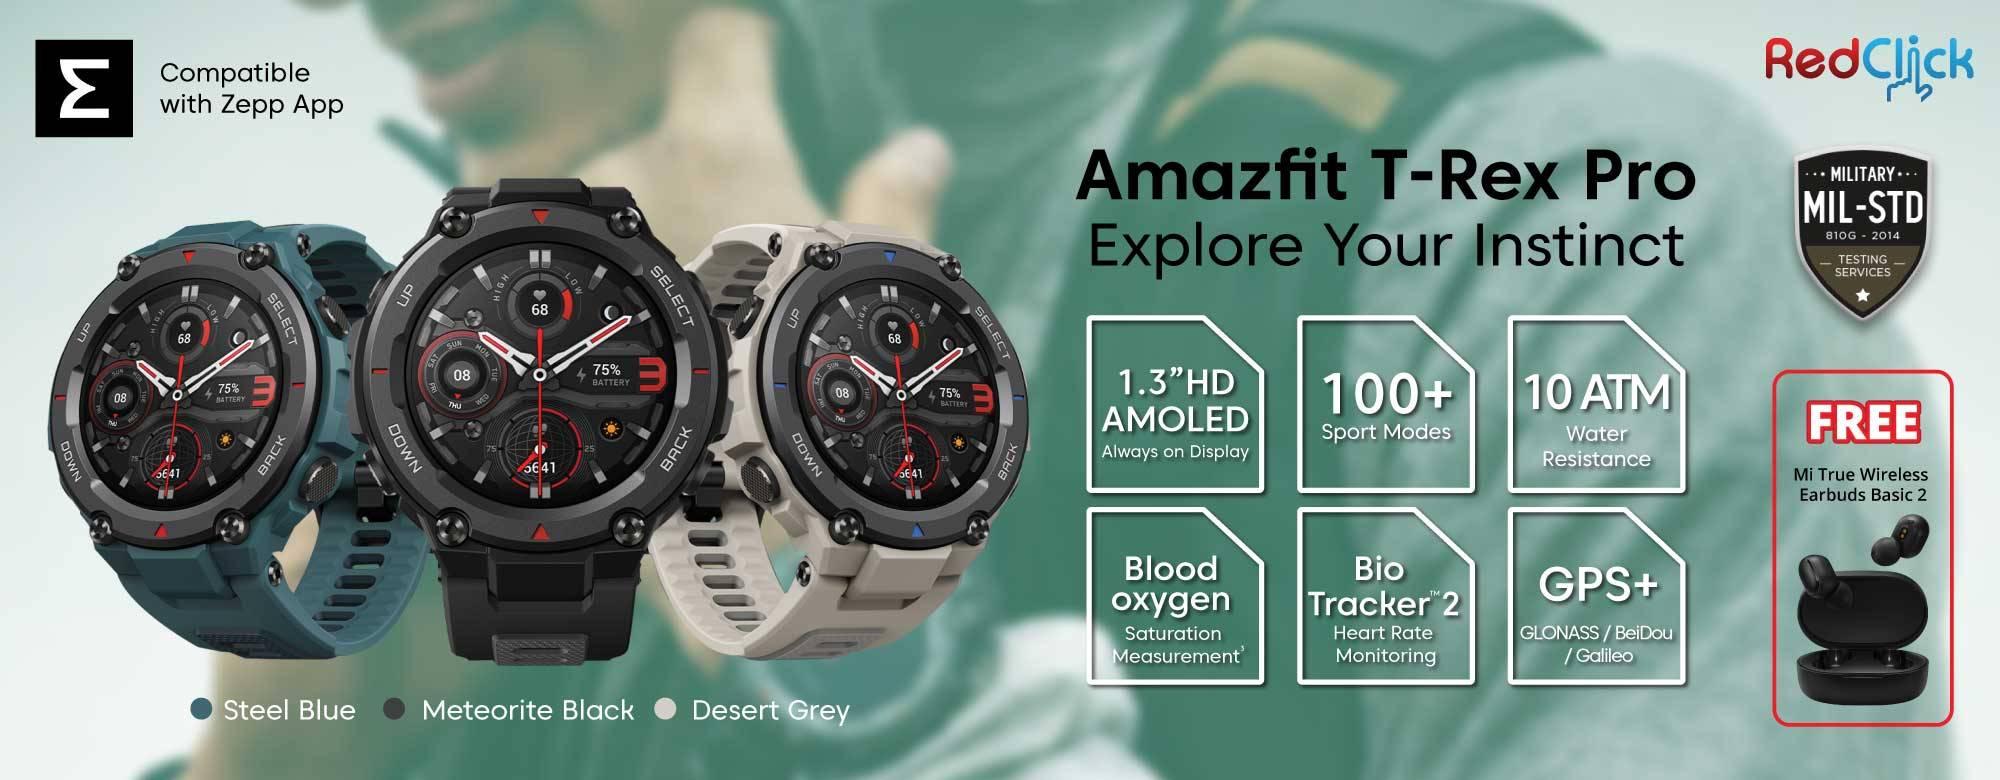 Amazfit T-Rex Pro